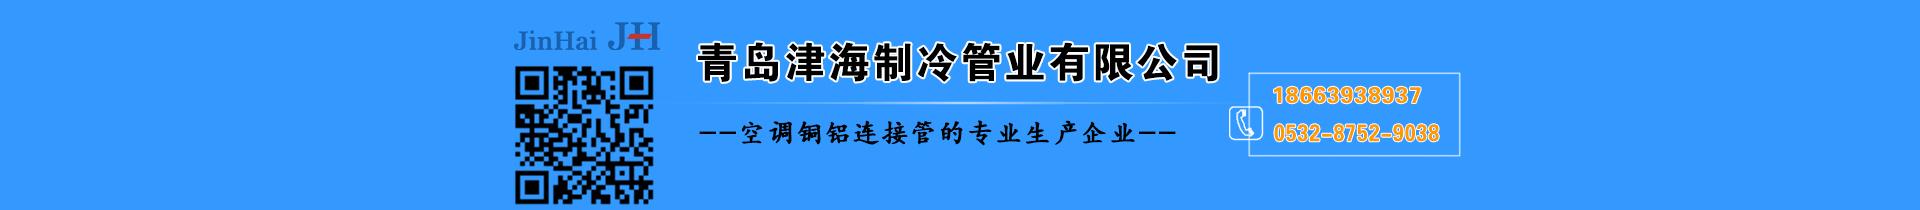 青岛津海制冷管业有限公司